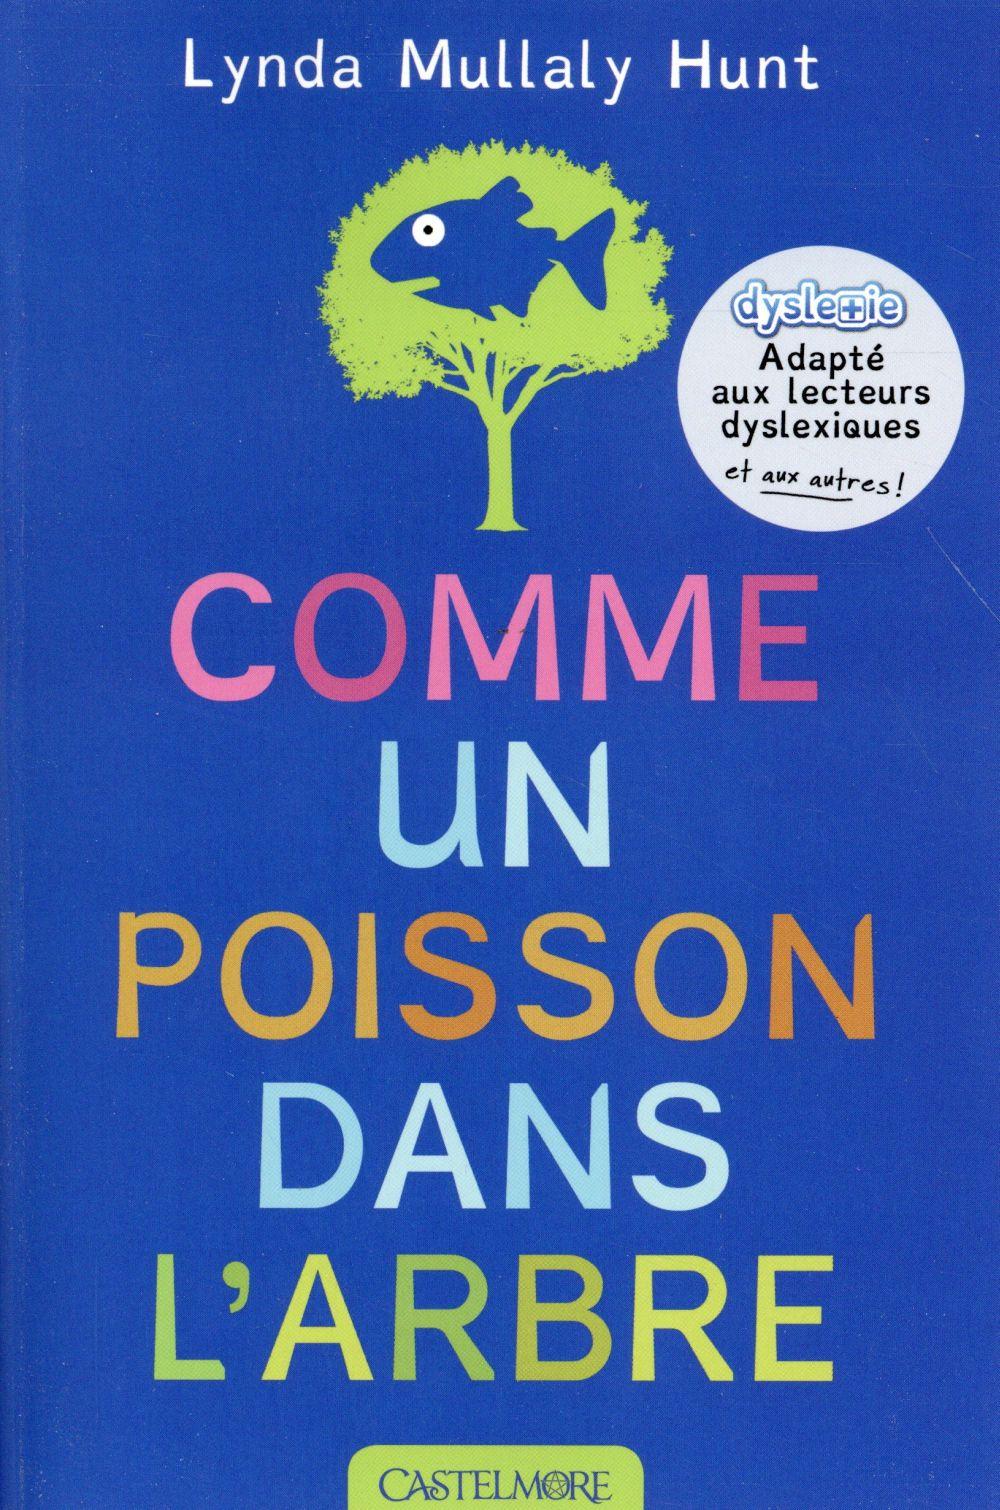 Hunt Lynda Mullaly - COMME UN POISSON DANS L'ARBRE (VERSION DYSLEXIQUE)